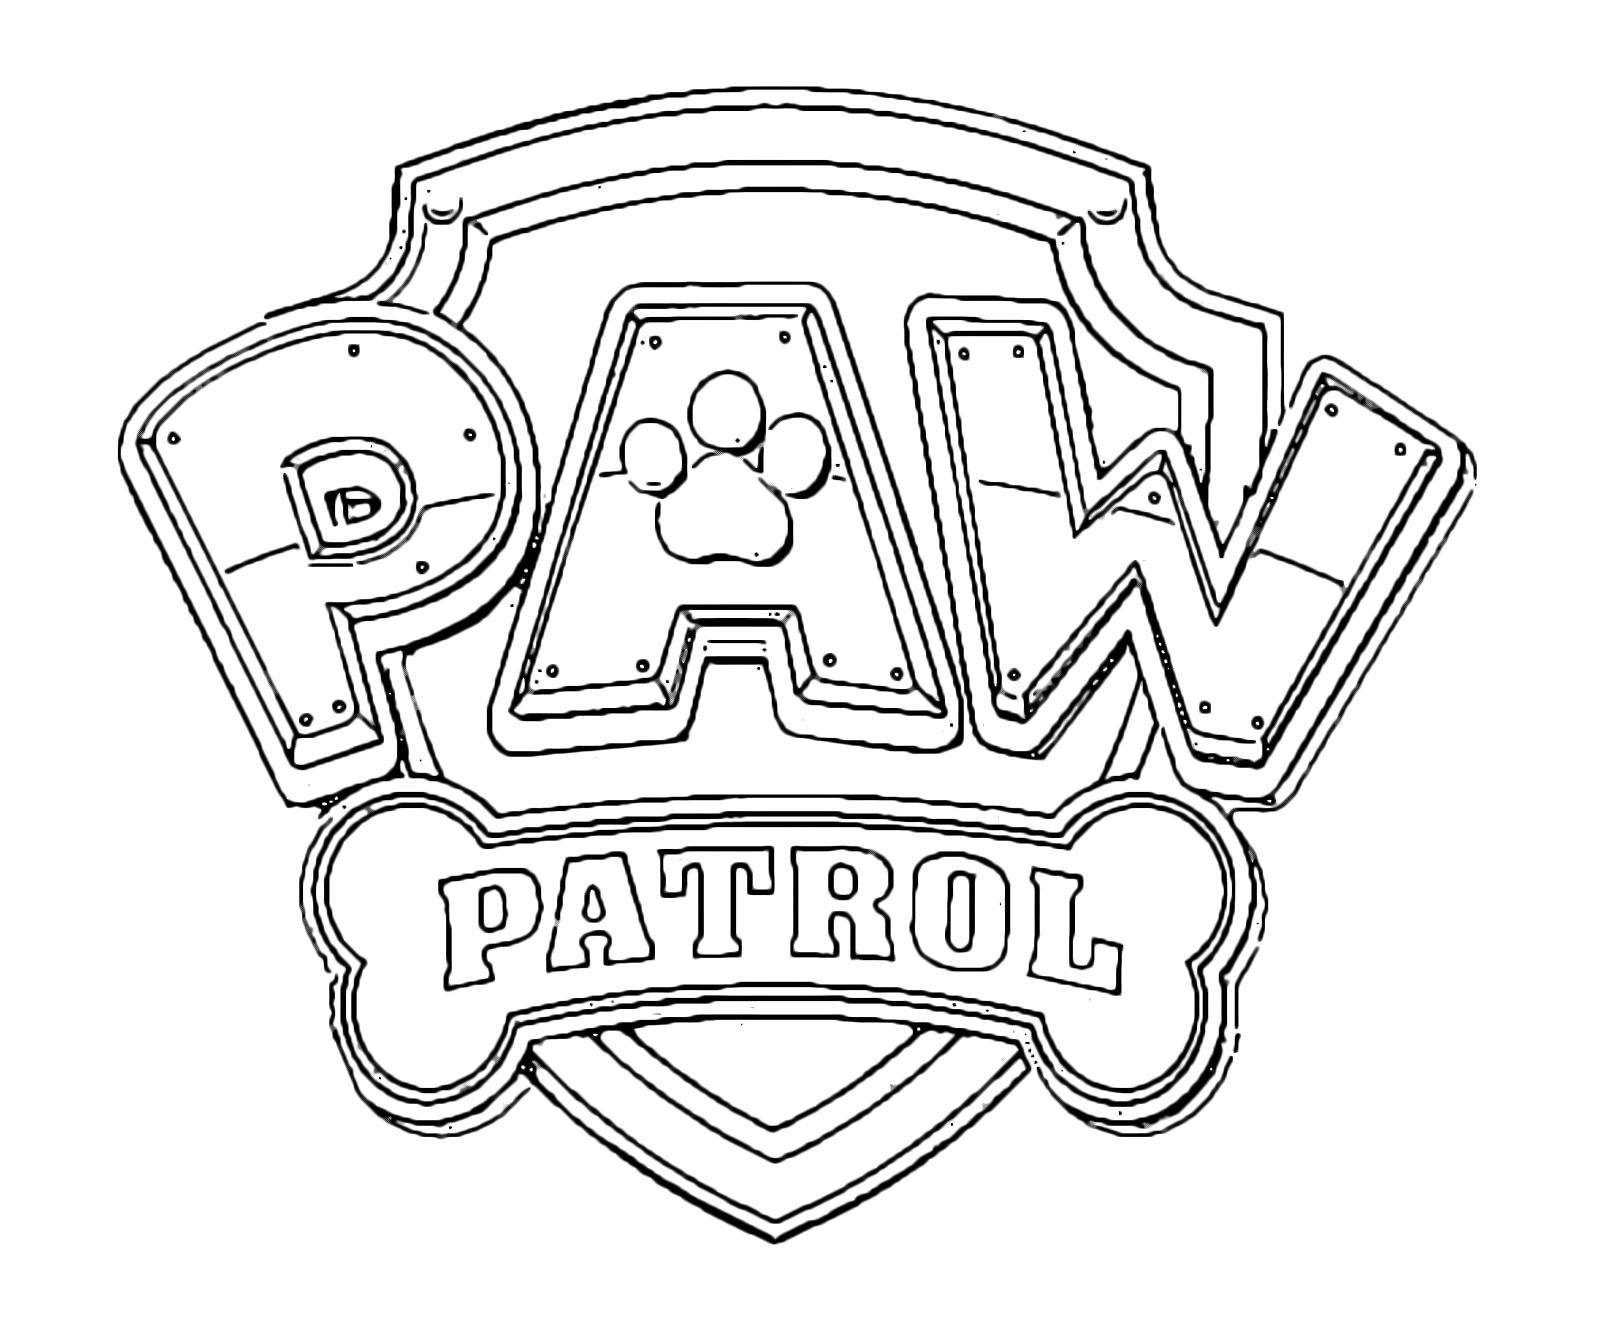 Paw patrol il simbolo dei paw patrol for Disegni da colorare paw patrol